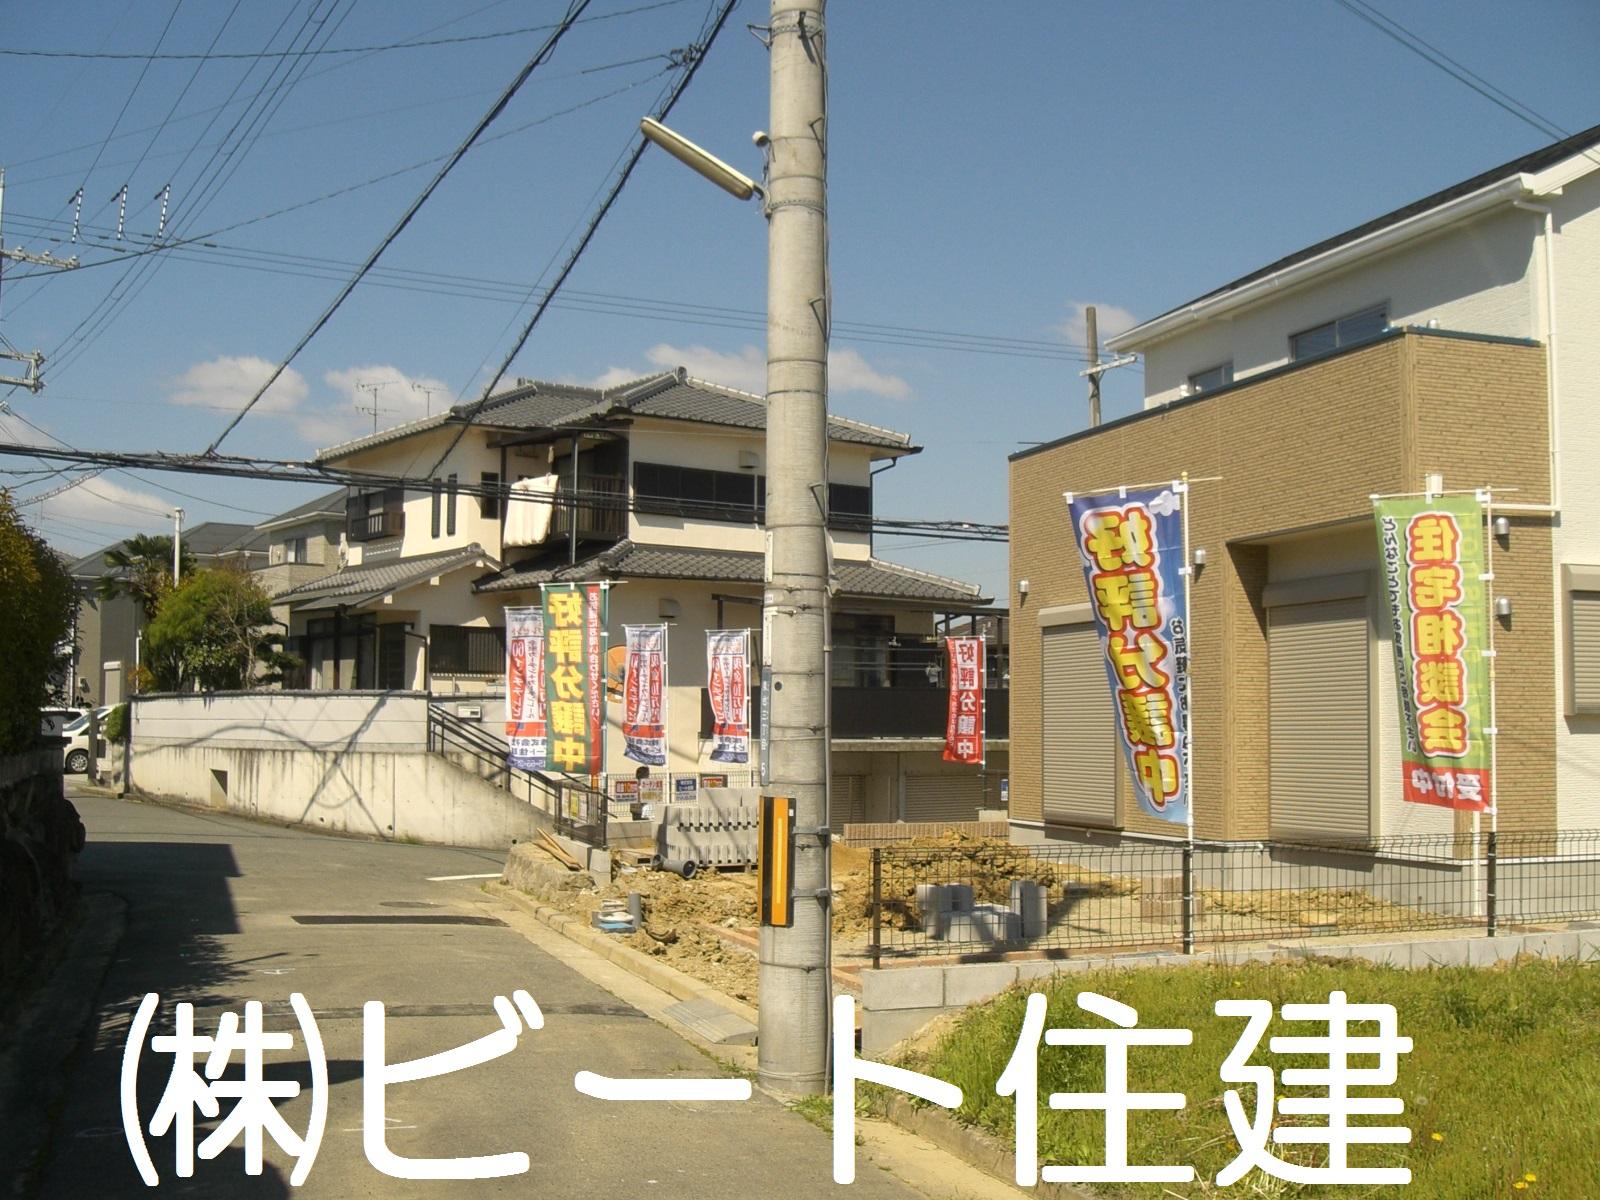 川合町 泉台 新築 全2棟 まもなく 完成!